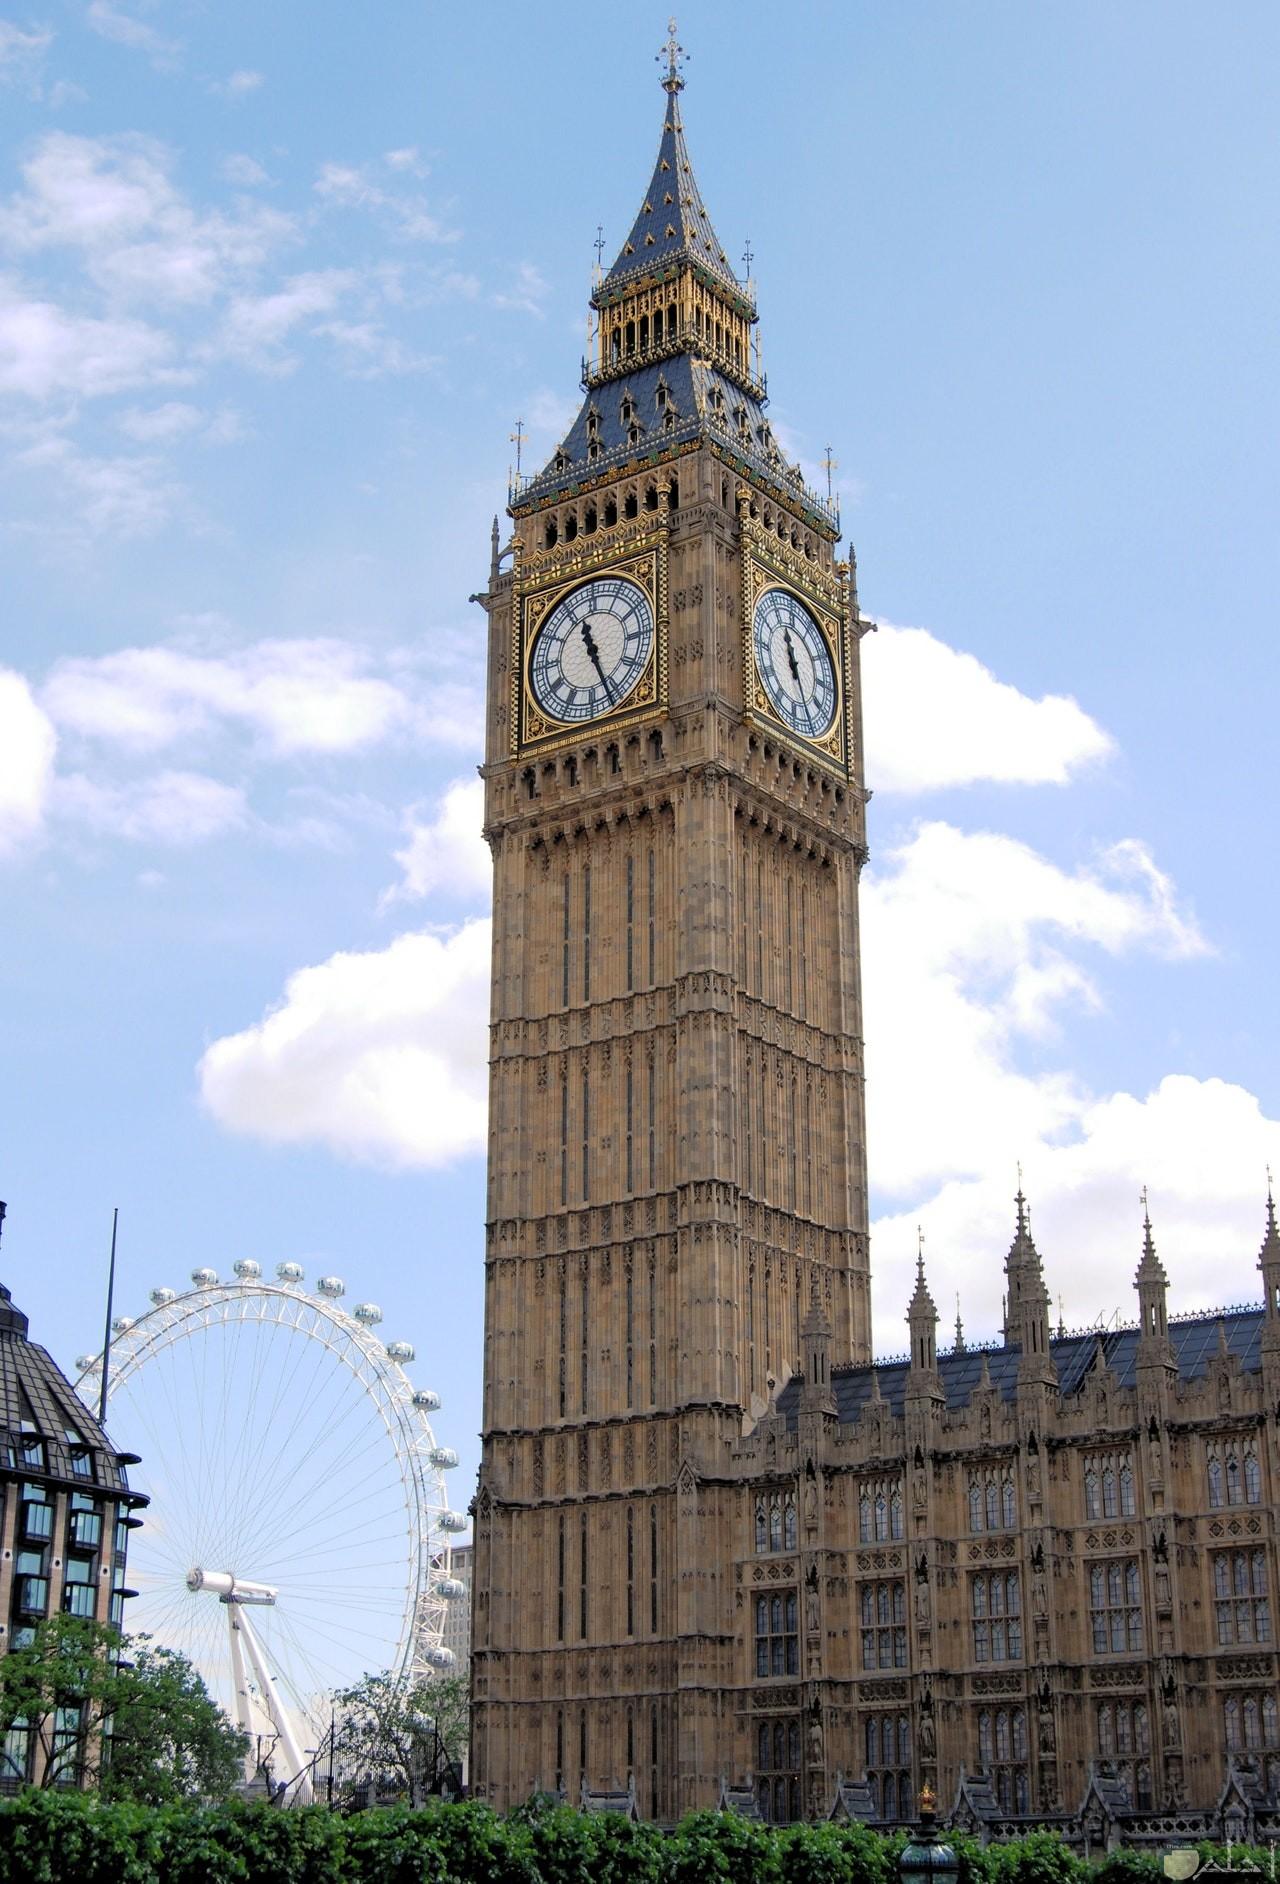 صورة جميلة لساعة بيج بين المشهورة بلندن